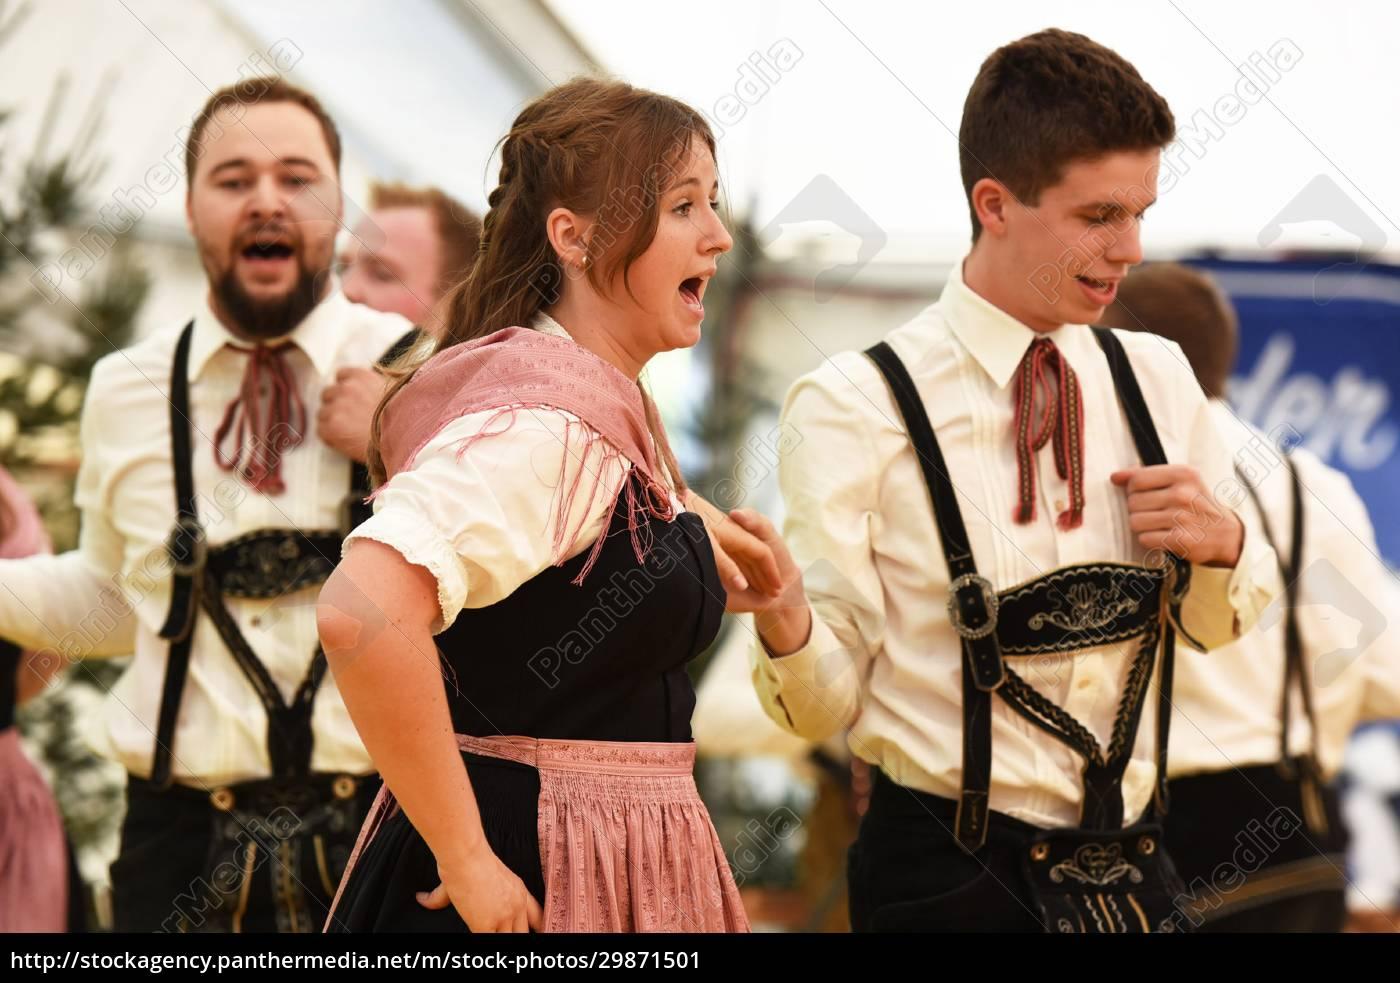 Öffentliche, aufführung, traditioneller, österreichischer, volkstänze, beim - 29871501